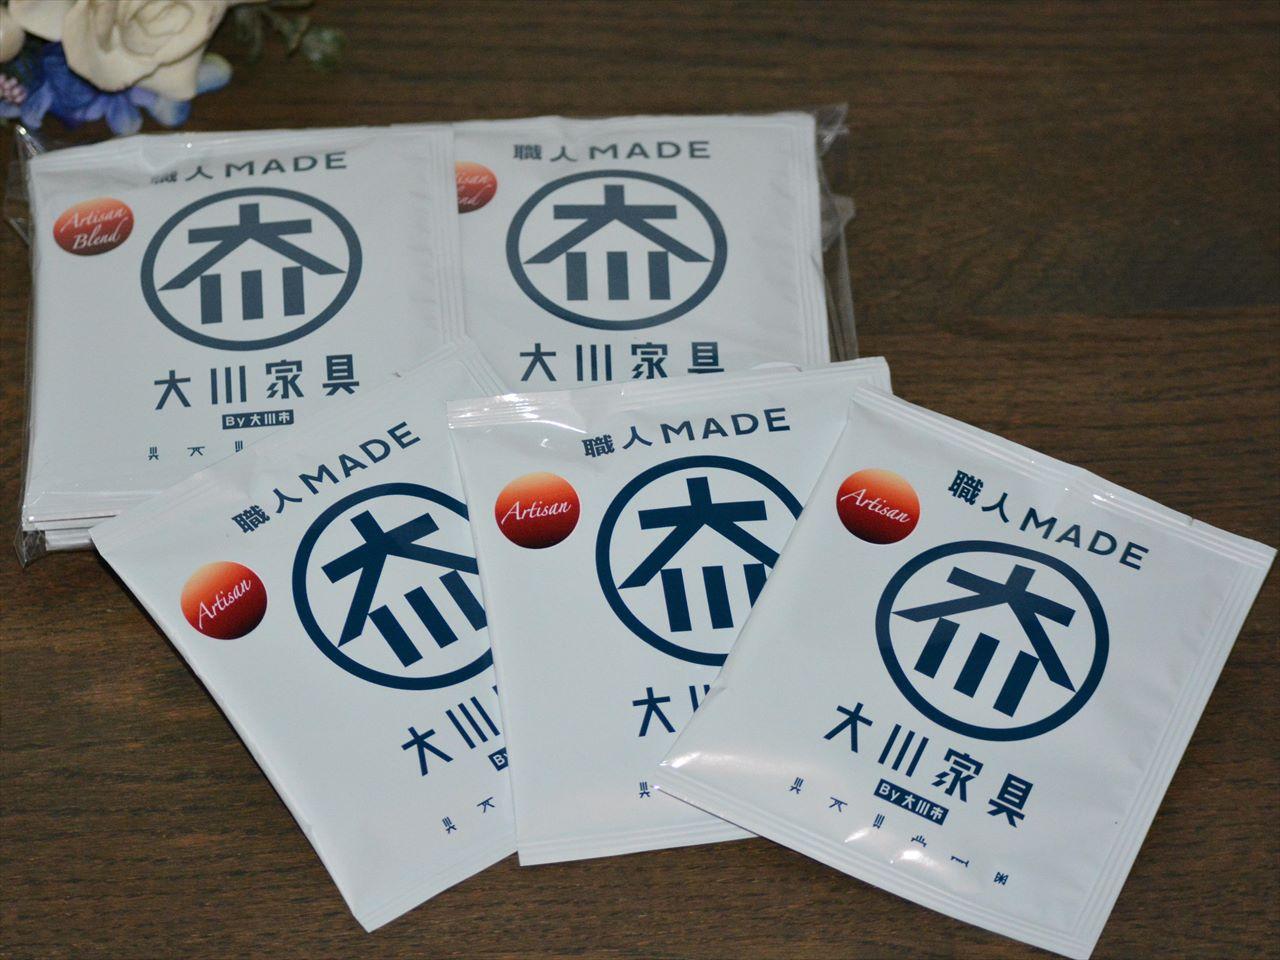 コーヒードリップバッグ 大川家具職人8p(あだち珈琲)